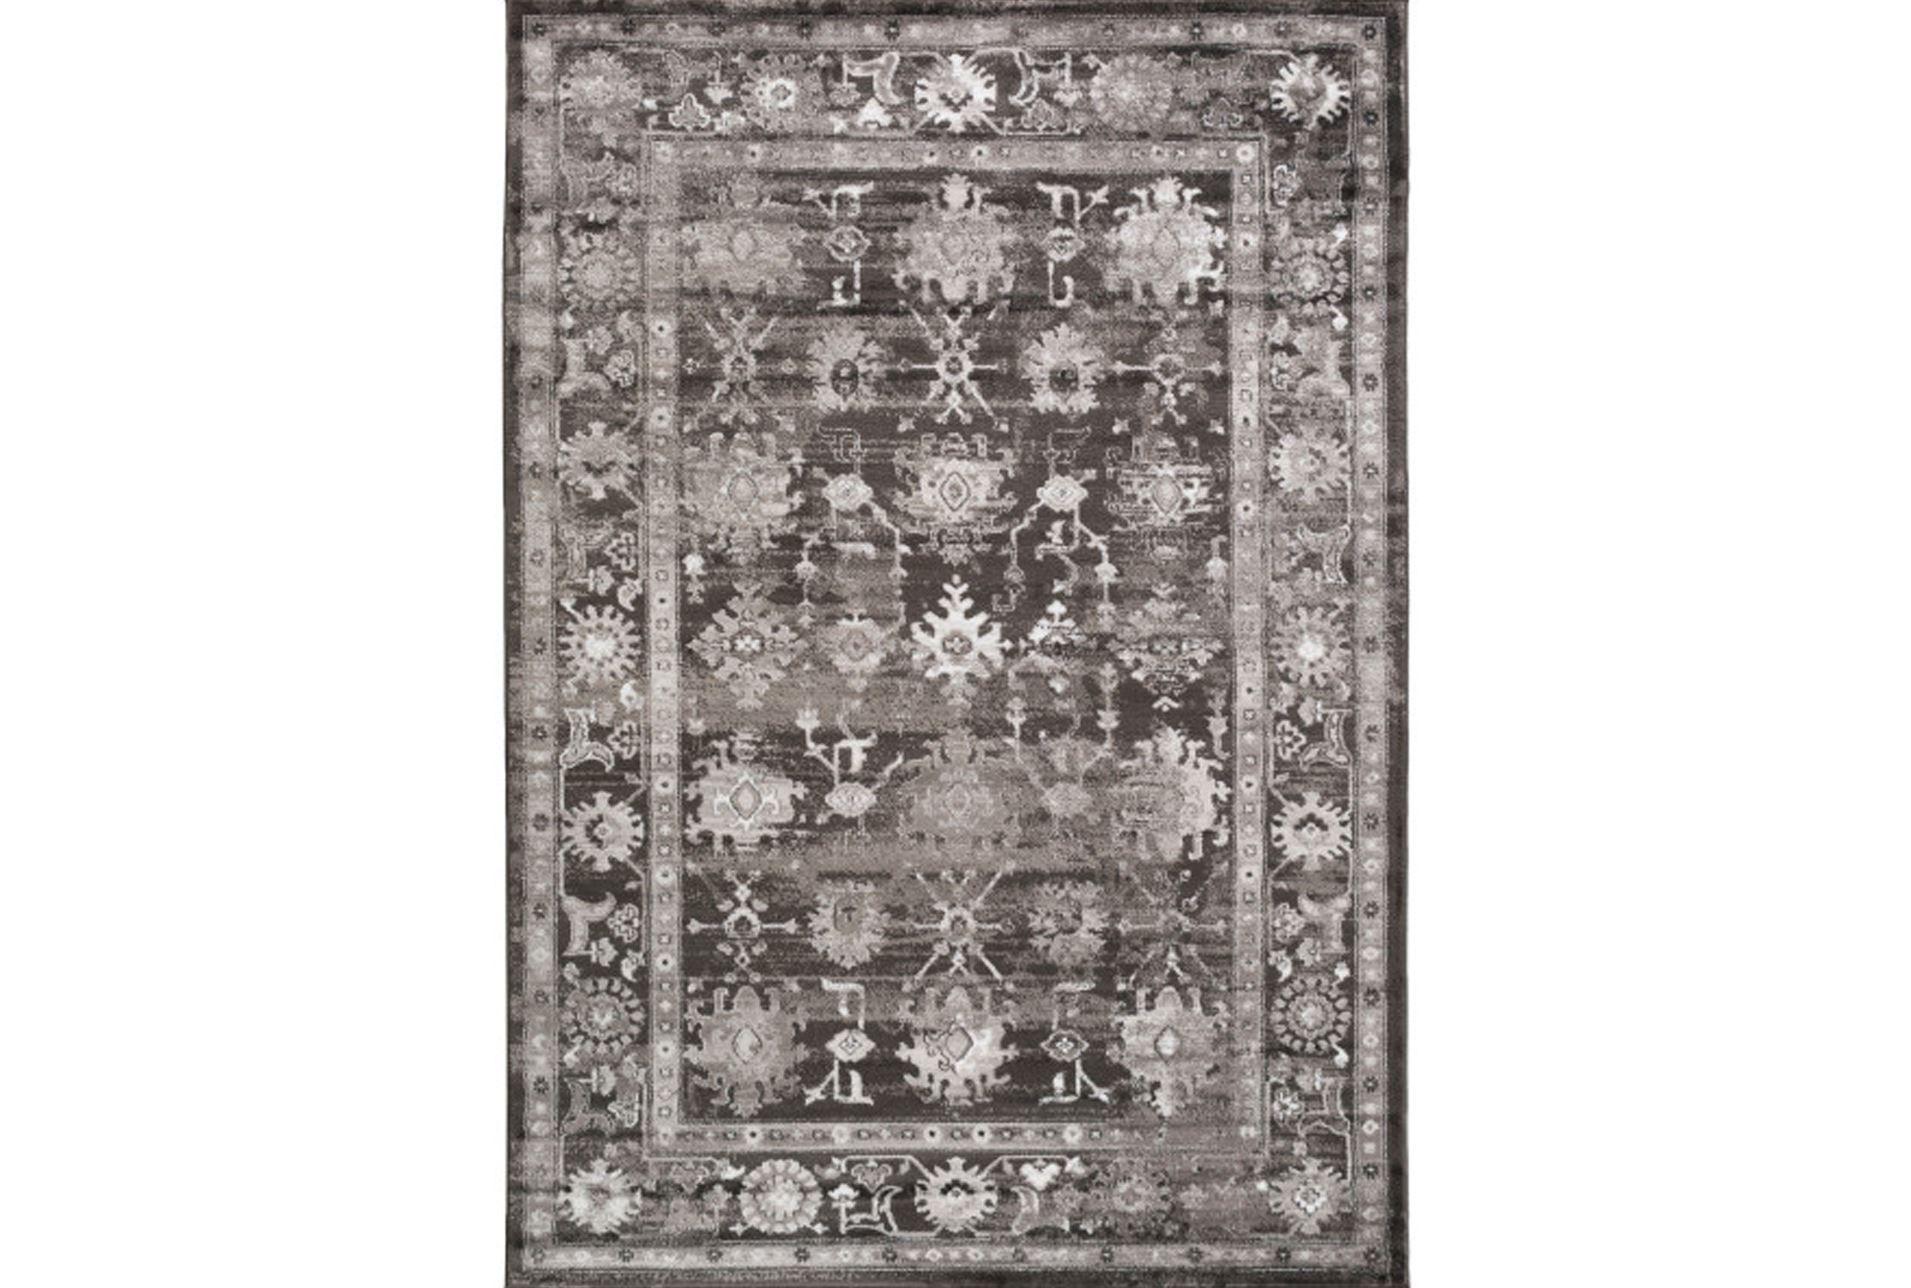 62x90 Rug Aladdin Charcoal Flooring Rugs Rugs Floor Rugs